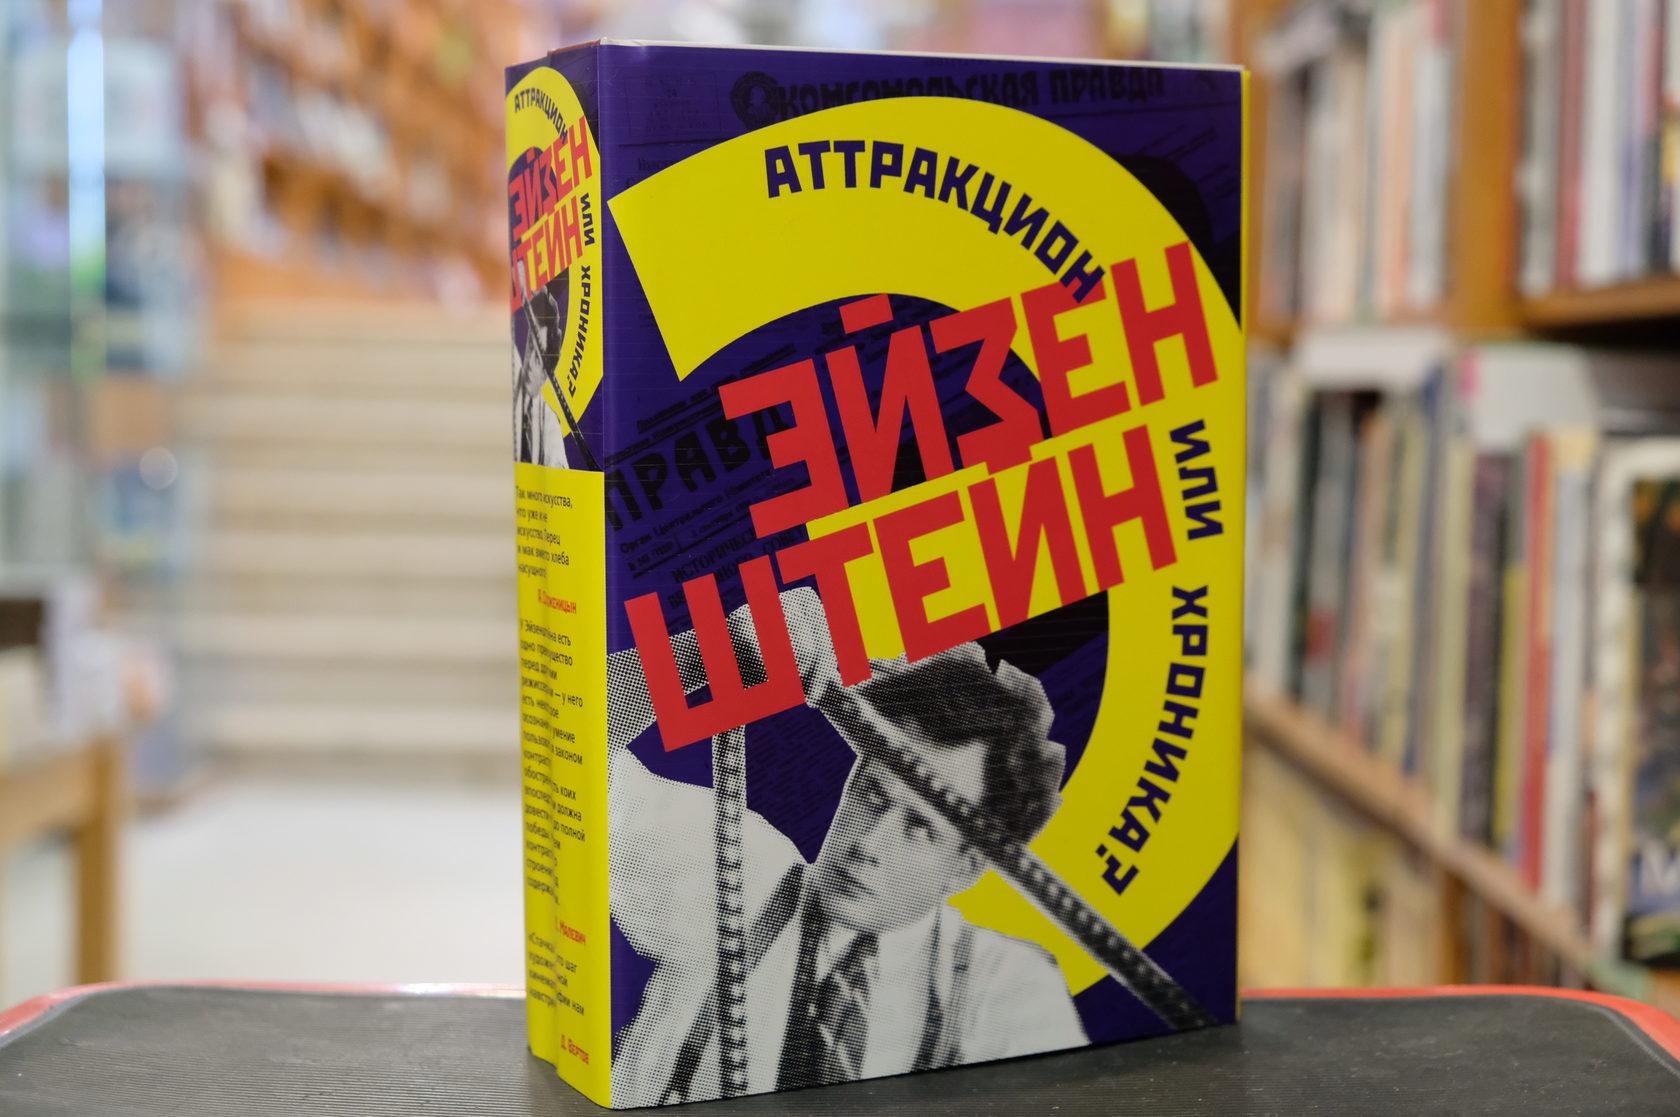 «Эйзенштейн. Аттракцион или хроника?» Комплект в 2-х книгах 978-5-386-12620-9